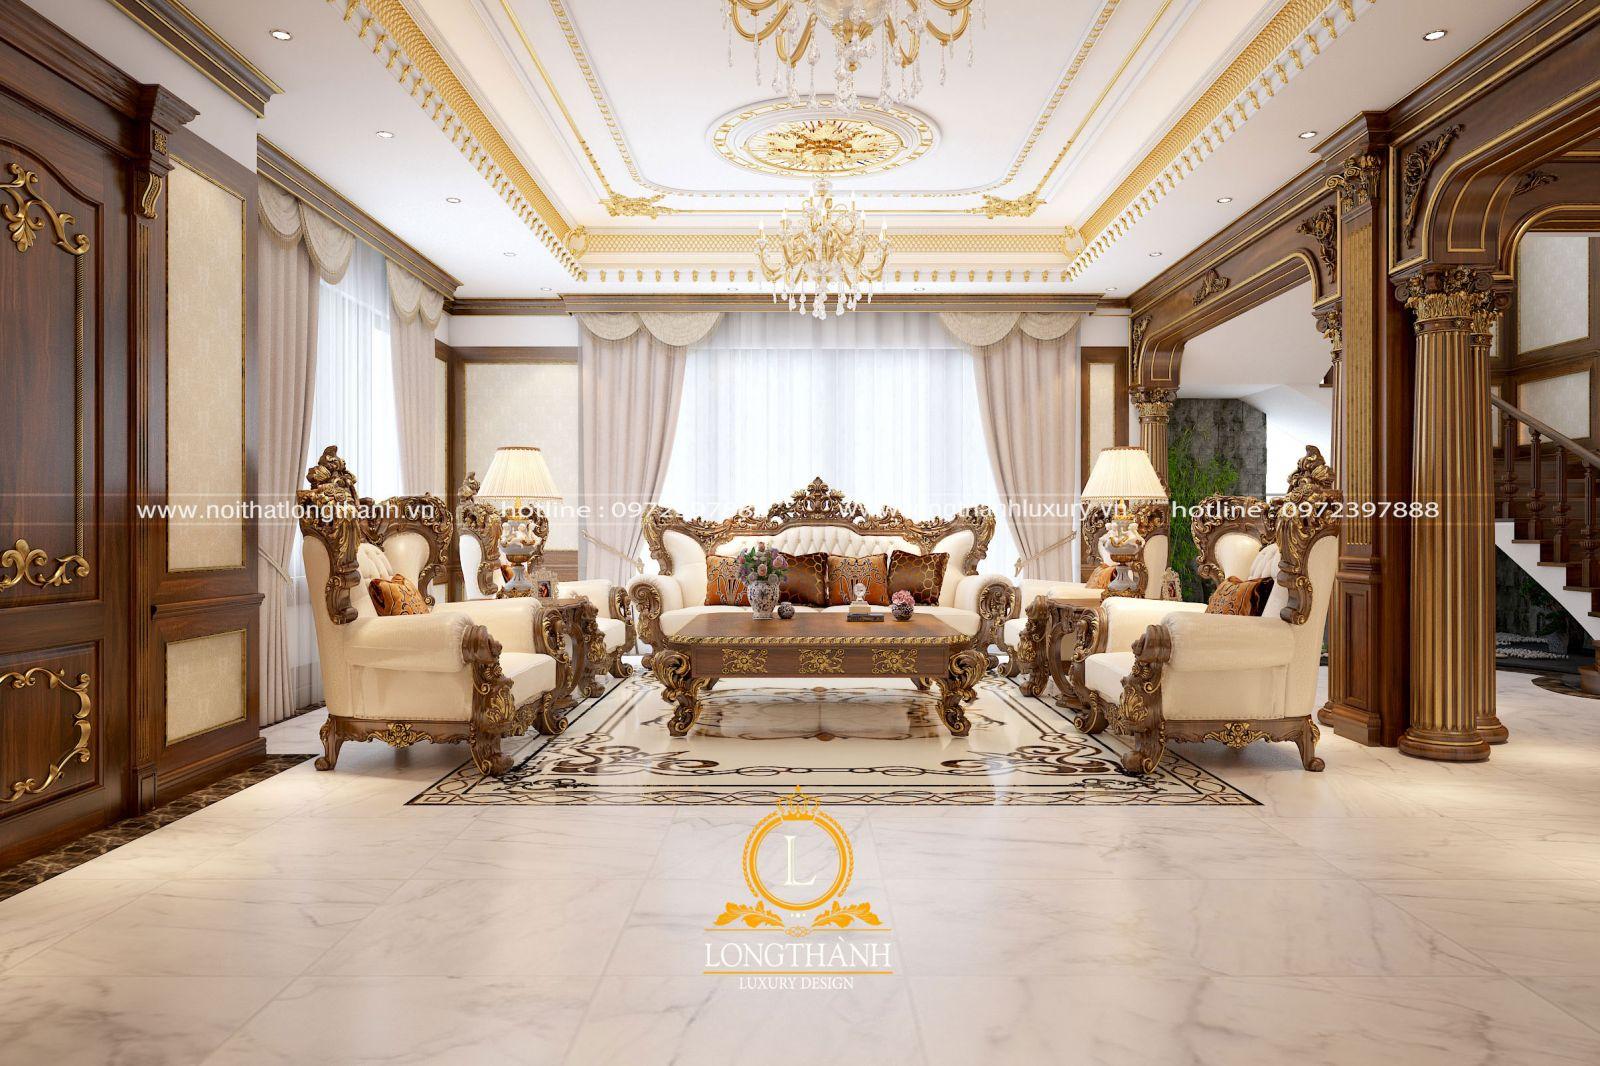 Mẫu sof tân cổ điển tạo điểm nhấn trong không gian phòng khách